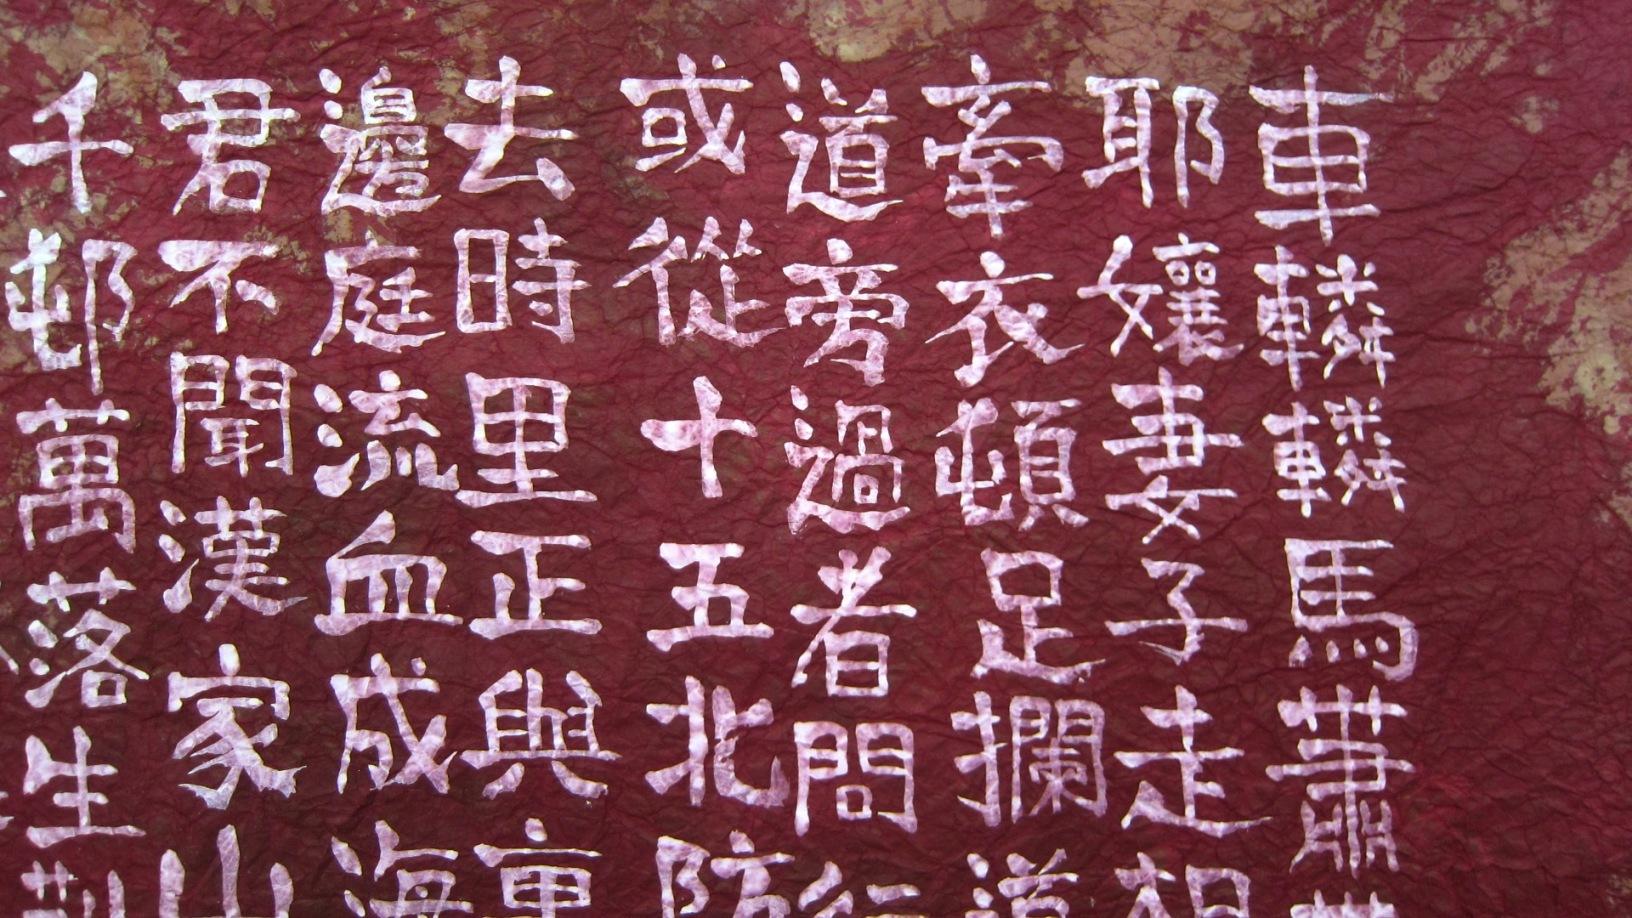 2550) 「長谷川雅志 展」 自由空間 1月?日(?)~1月28日(土)_f0126829_2242572.jpg